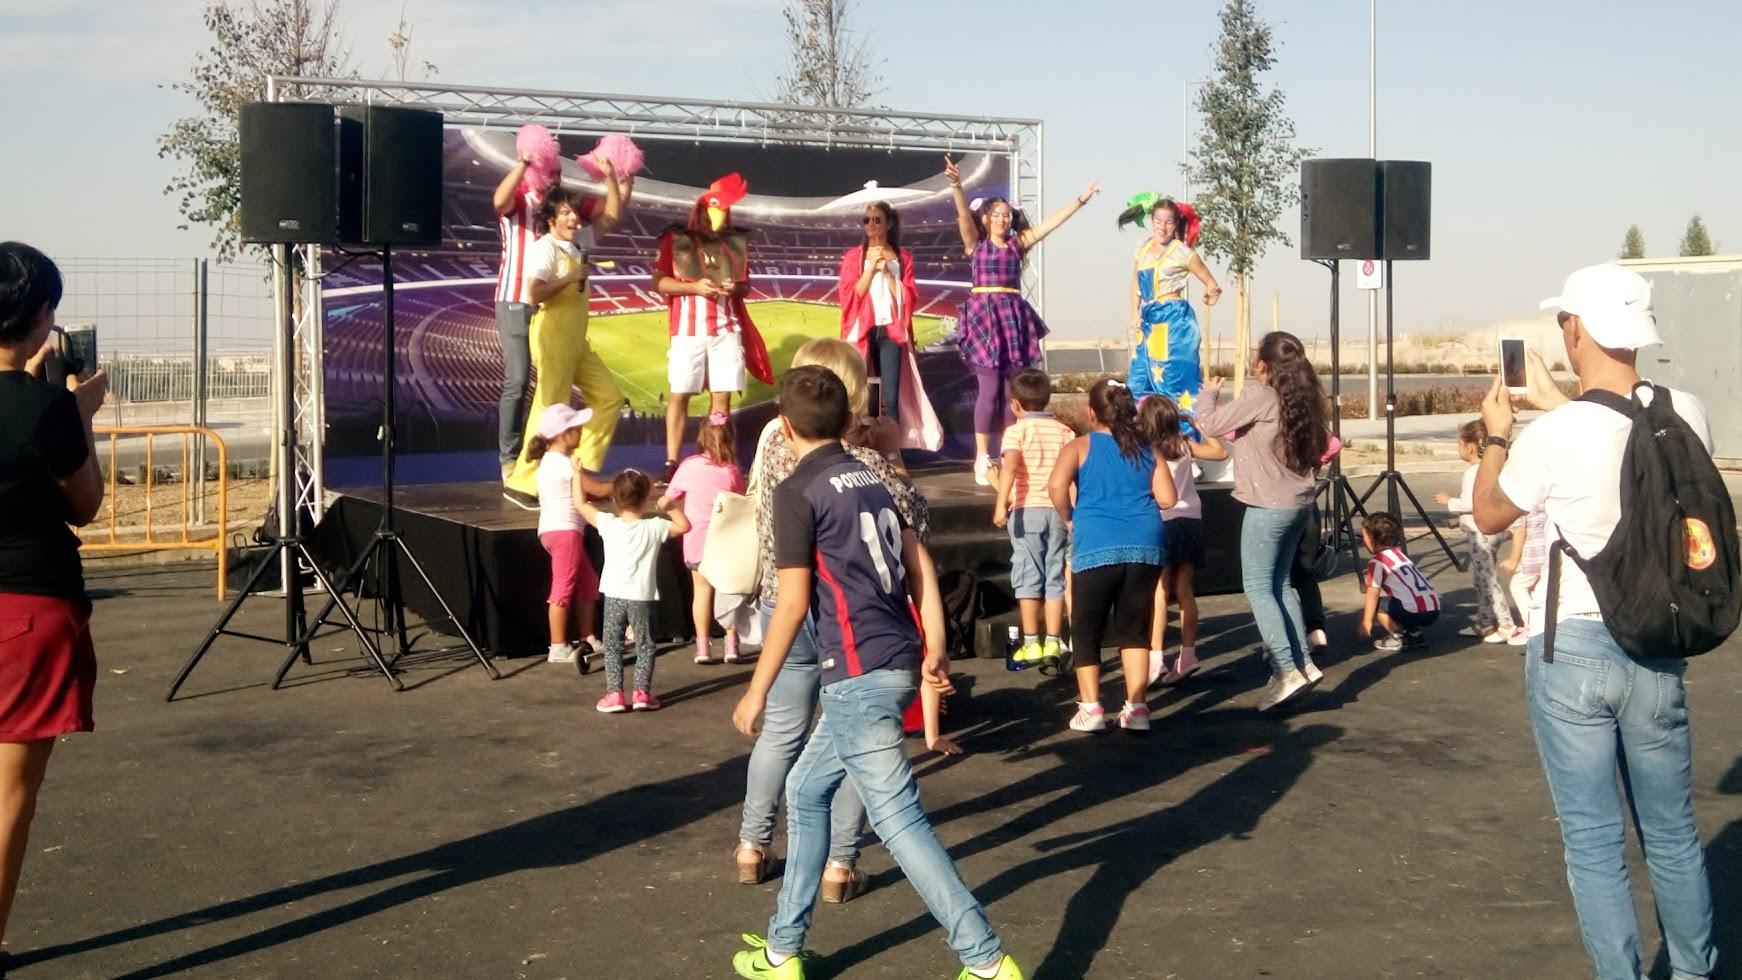 actuación de payasos con canciones y bailes en Metropolitano